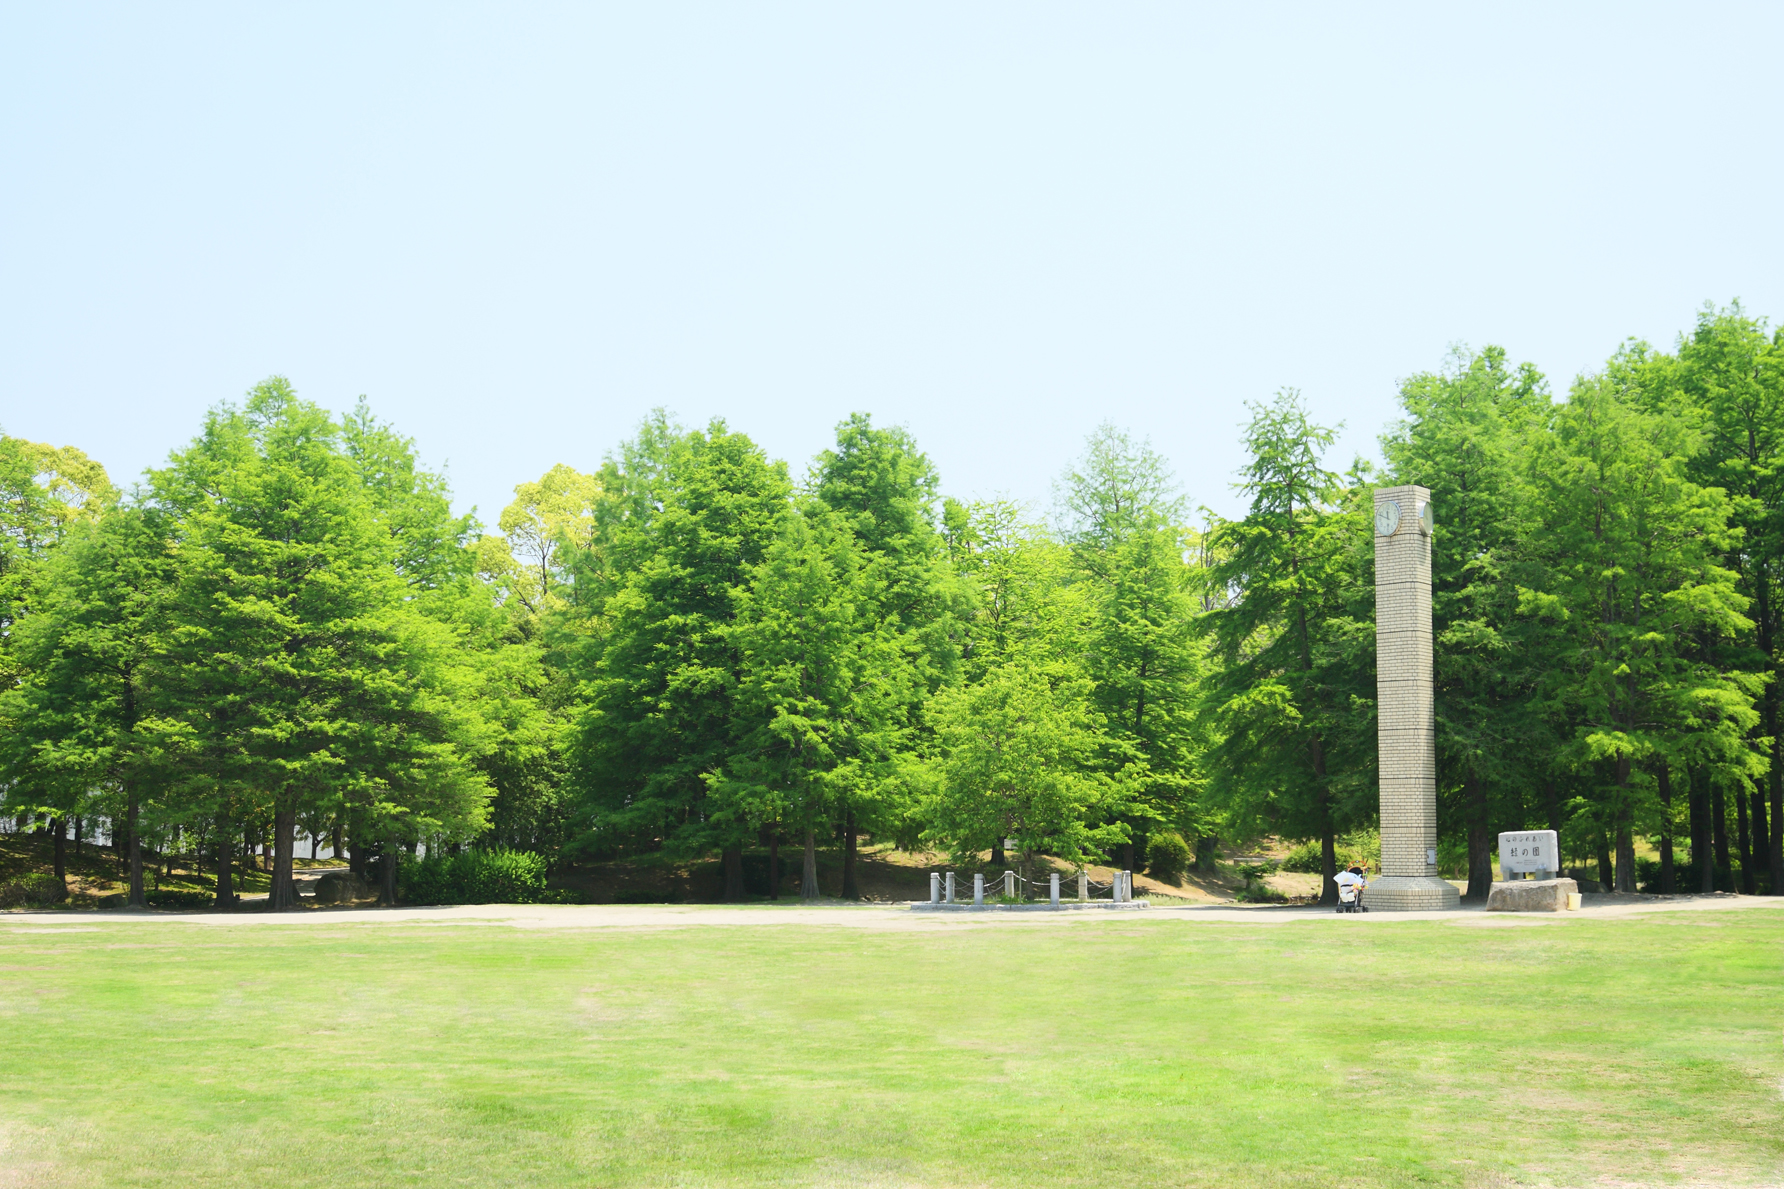 稲沢公園 – 稲沢市観光協会公式ウェブサイト